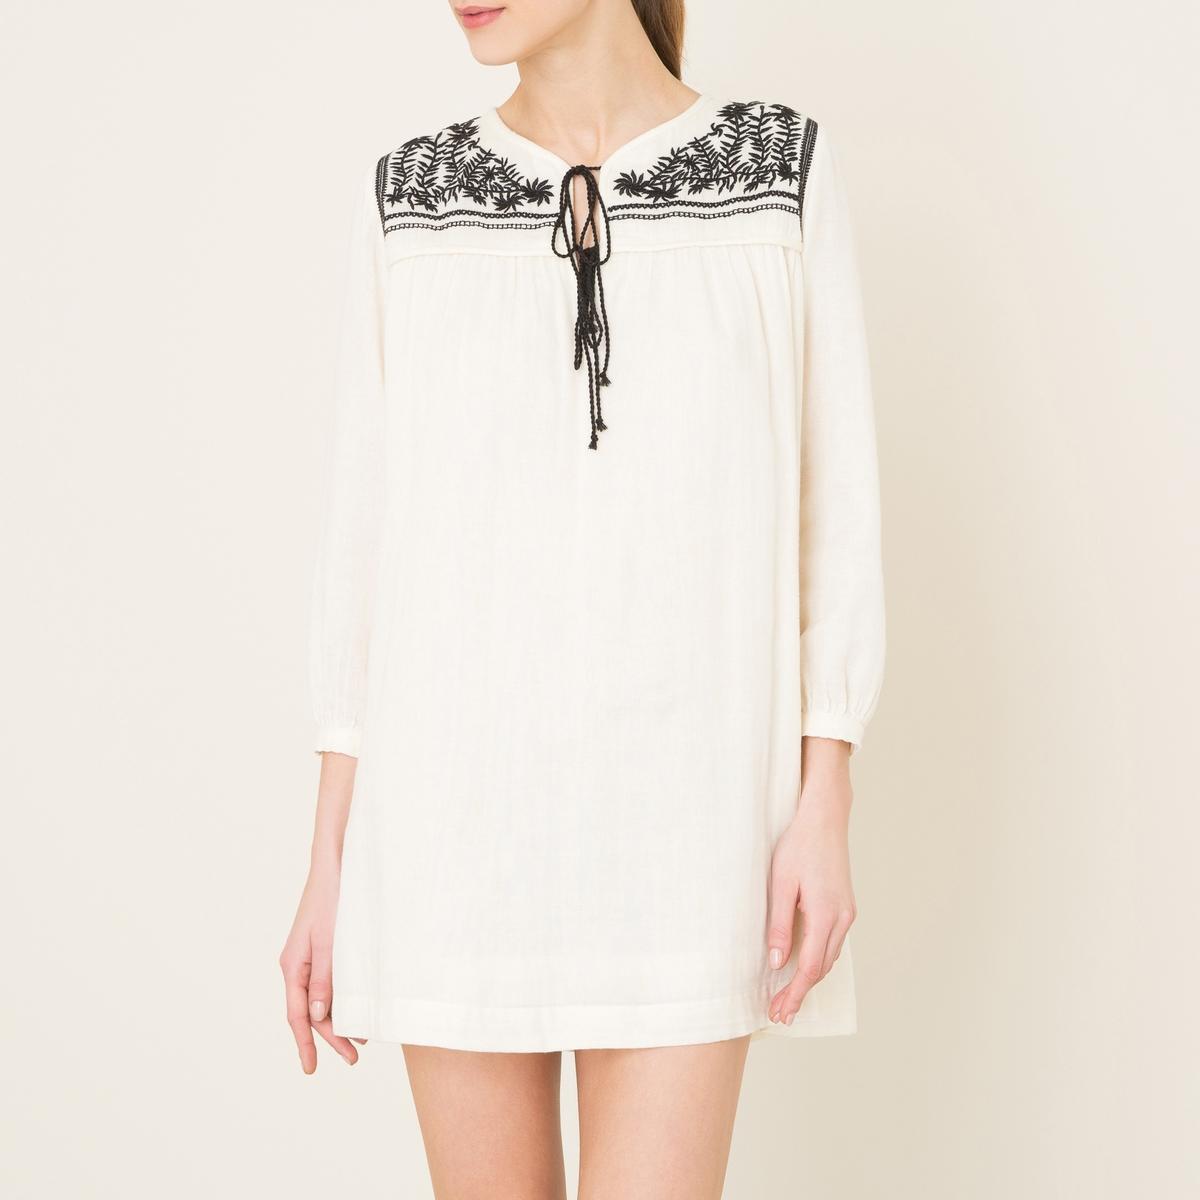 Платье с вышивкой VIOLETTE платье с вышивкой